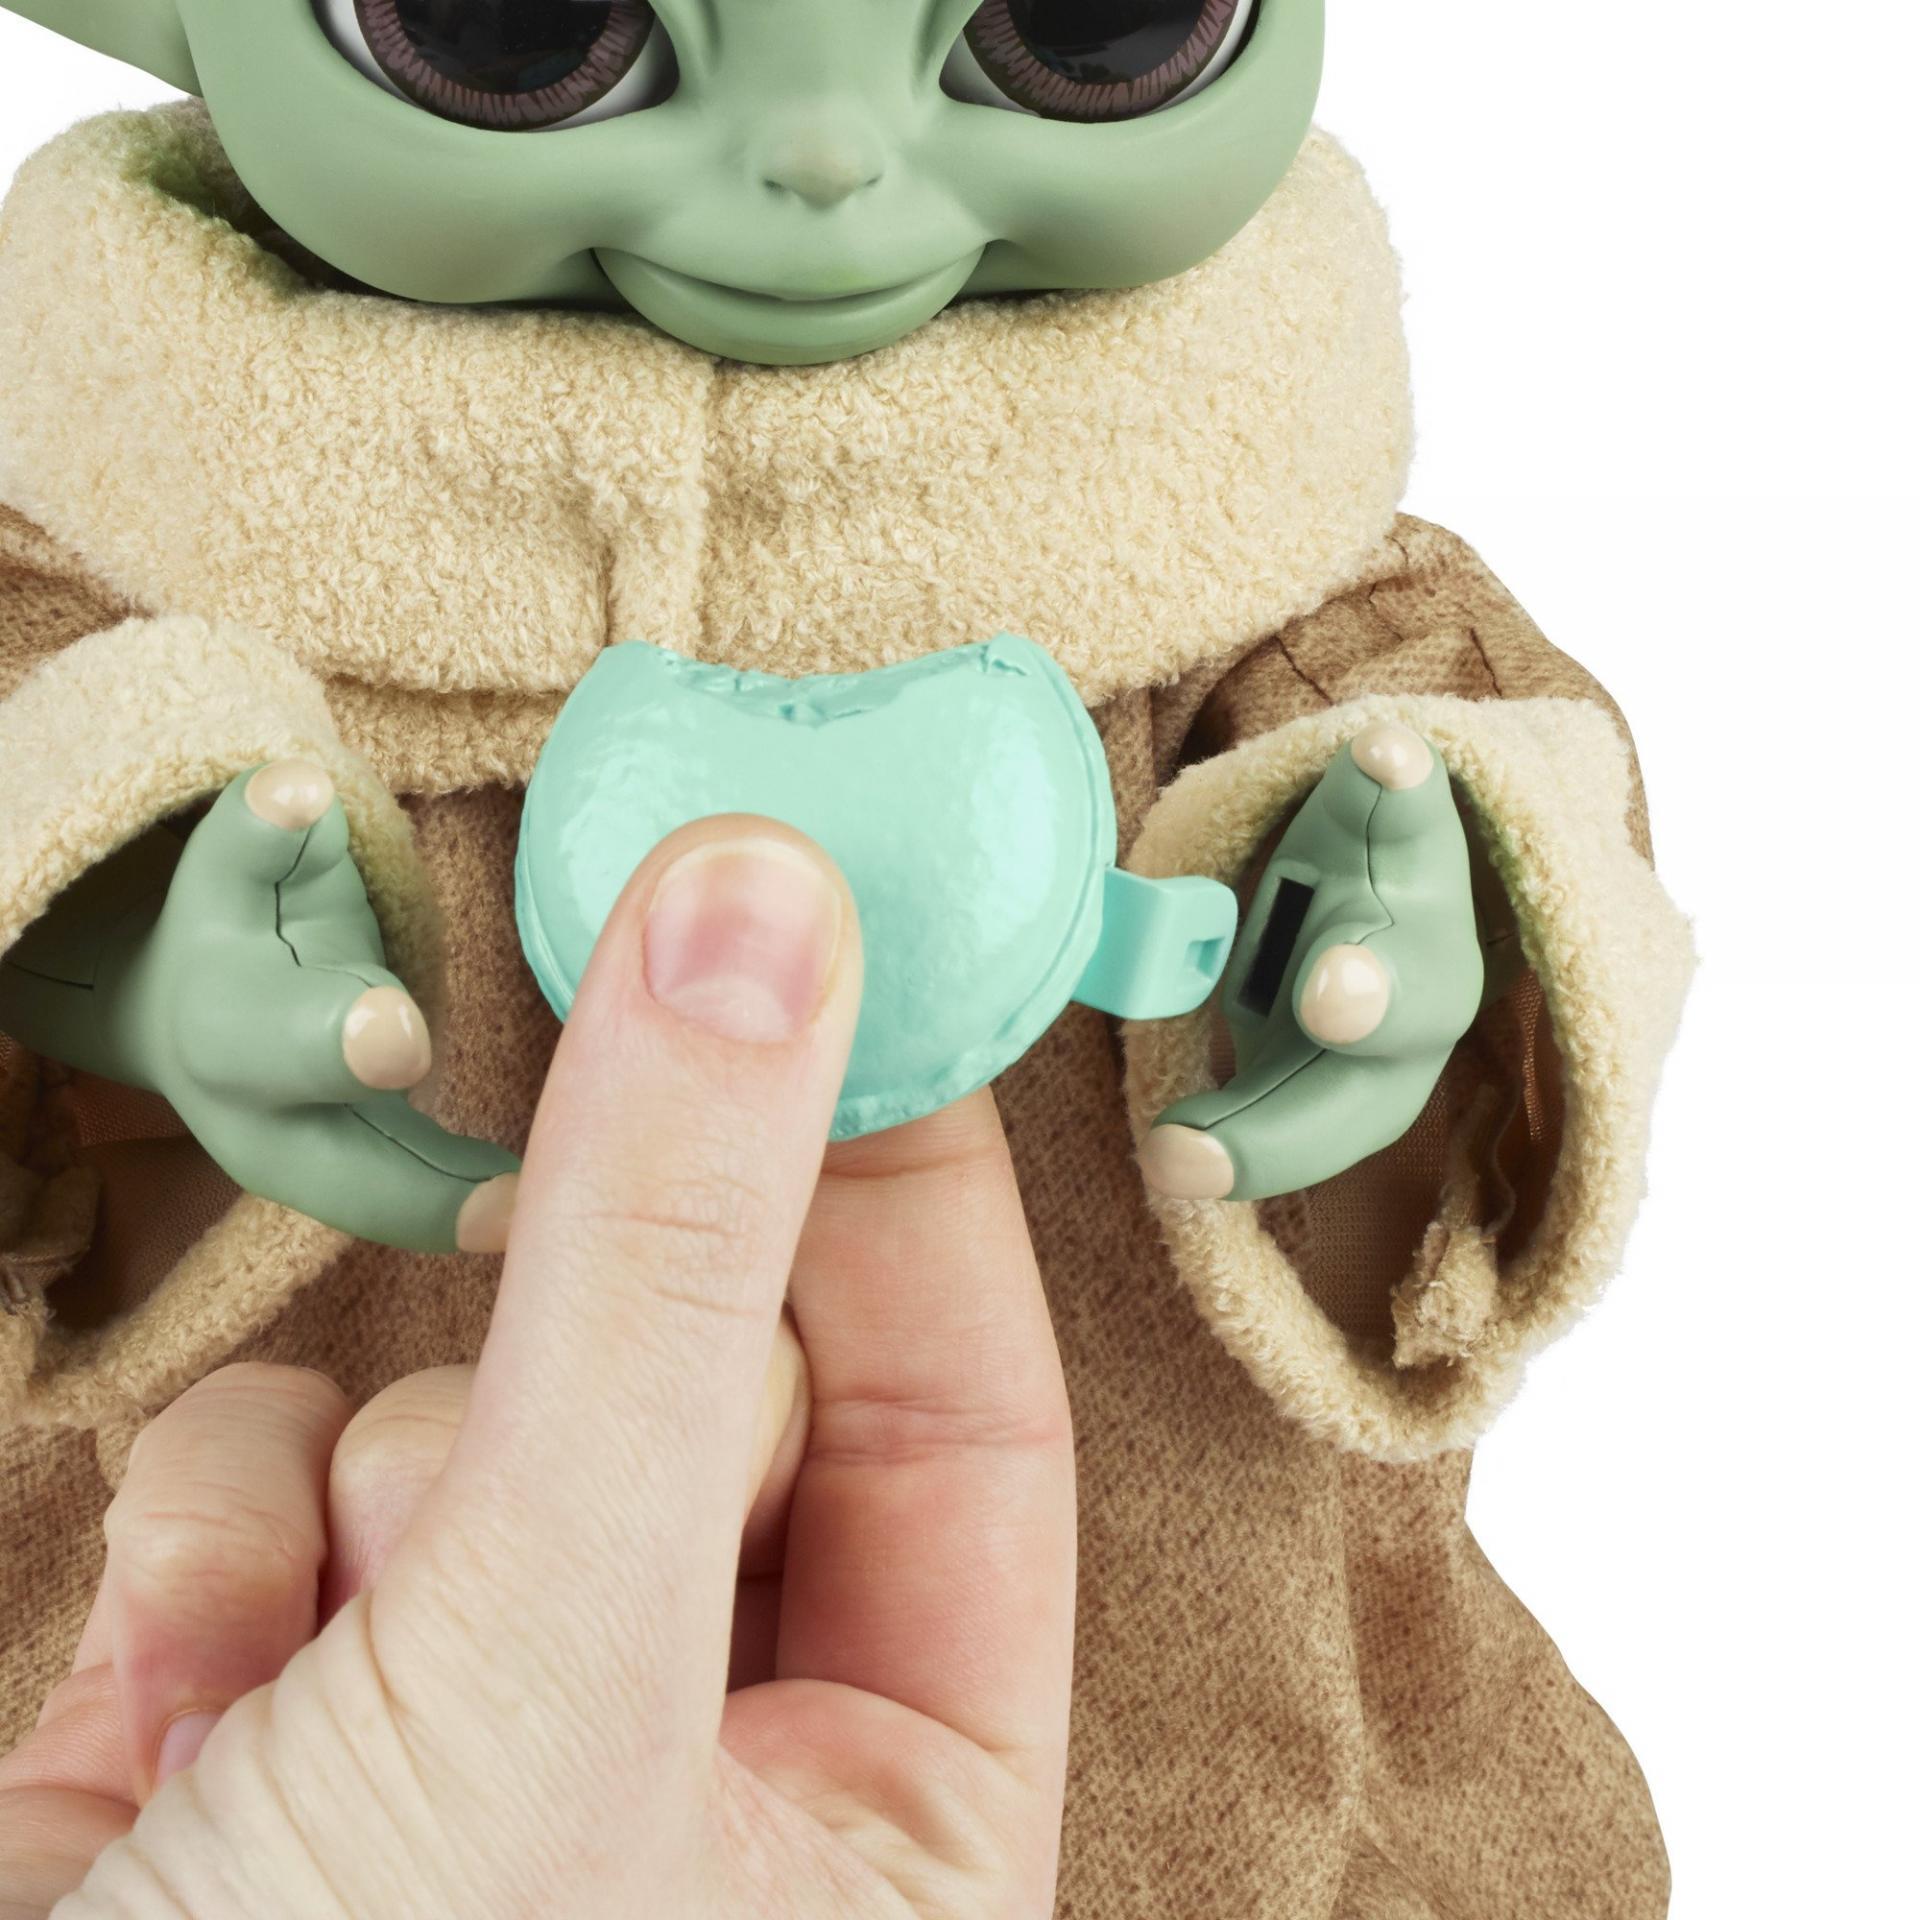 Star wars hasbro galactic snackin grogu4